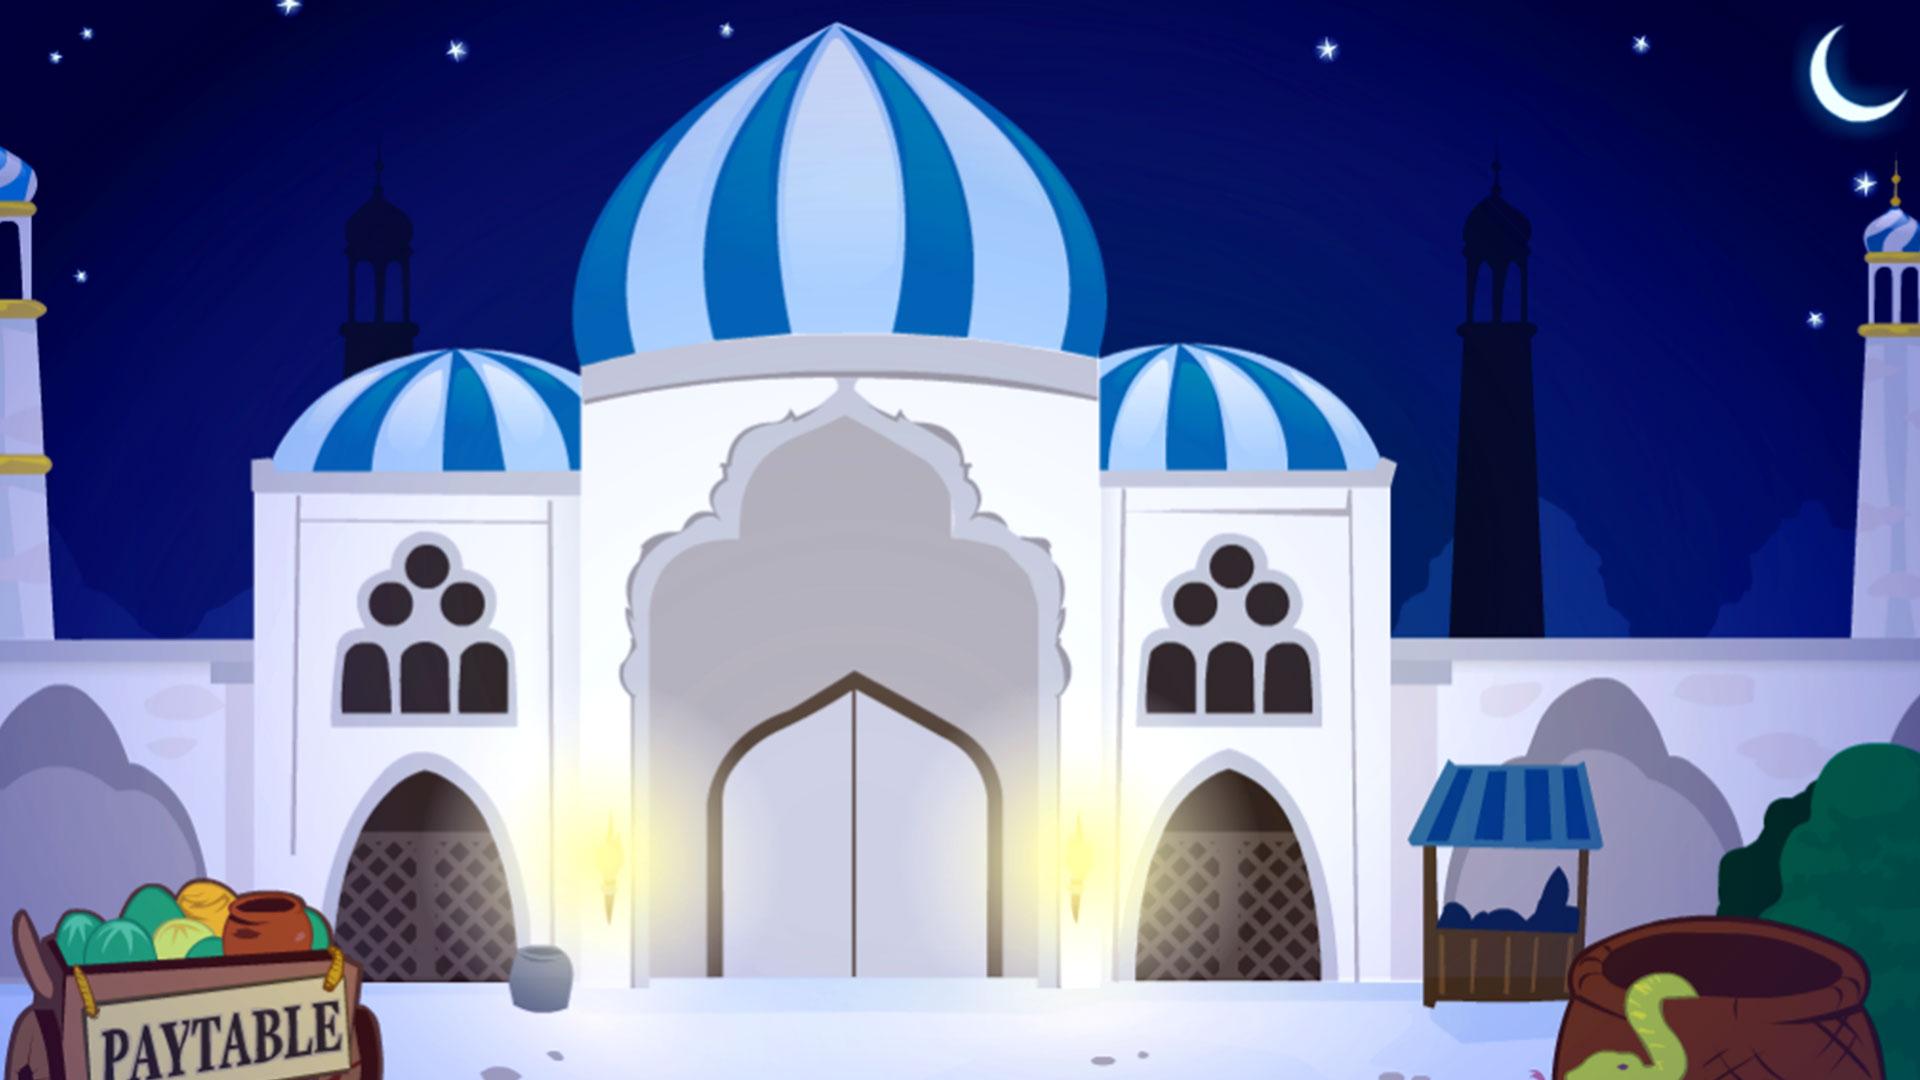 Hintergrund mit hoher Auflösung Arabian Nights